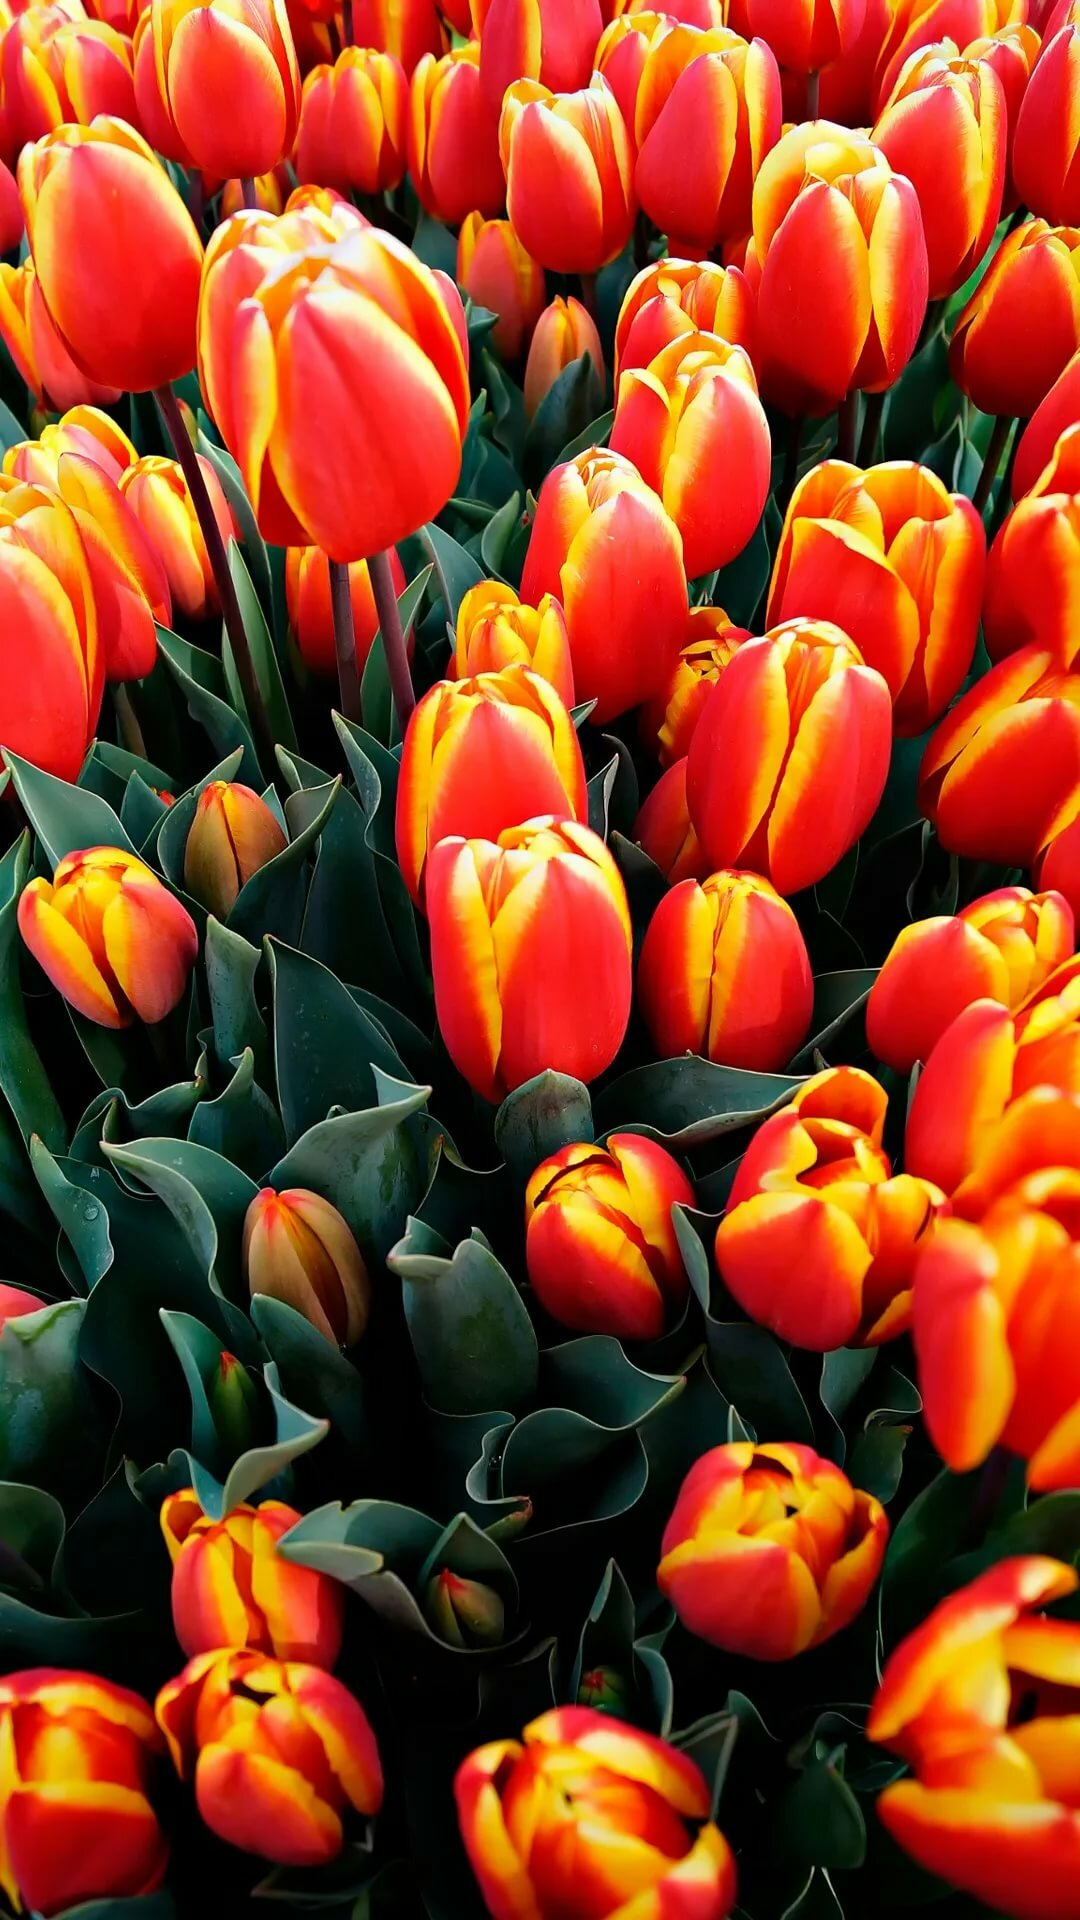 тюльпаны фото на айфон остальных случаях внутри